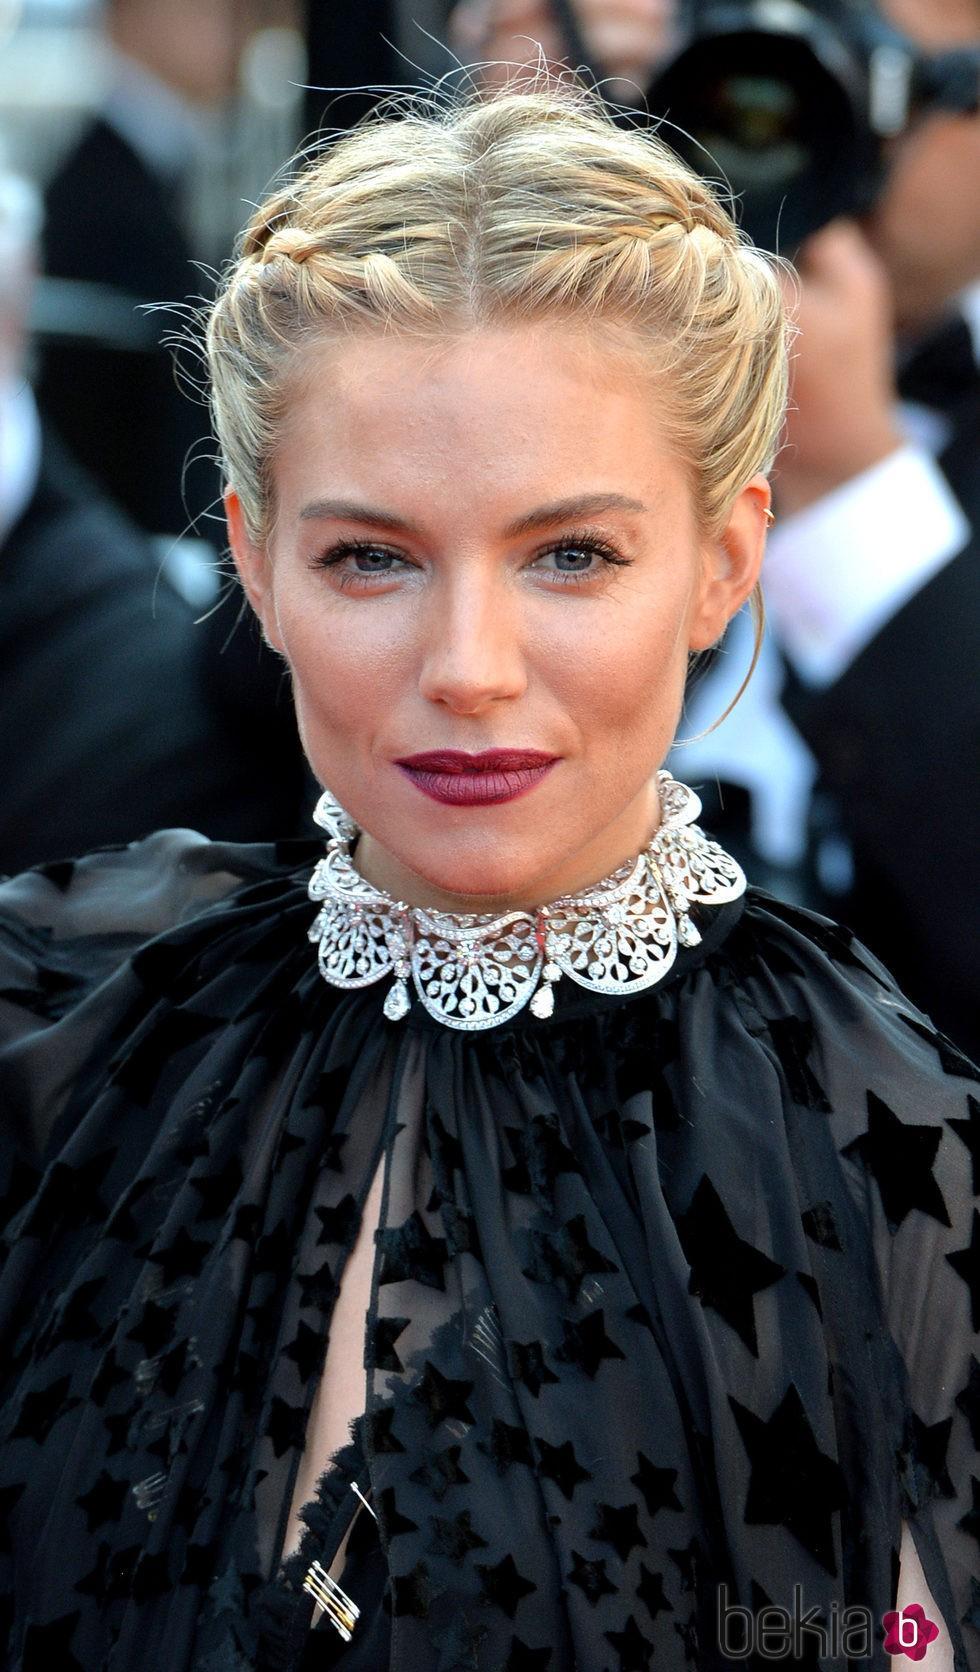 Sienna Miller con estilo griego gotico en 2015 en Cannes